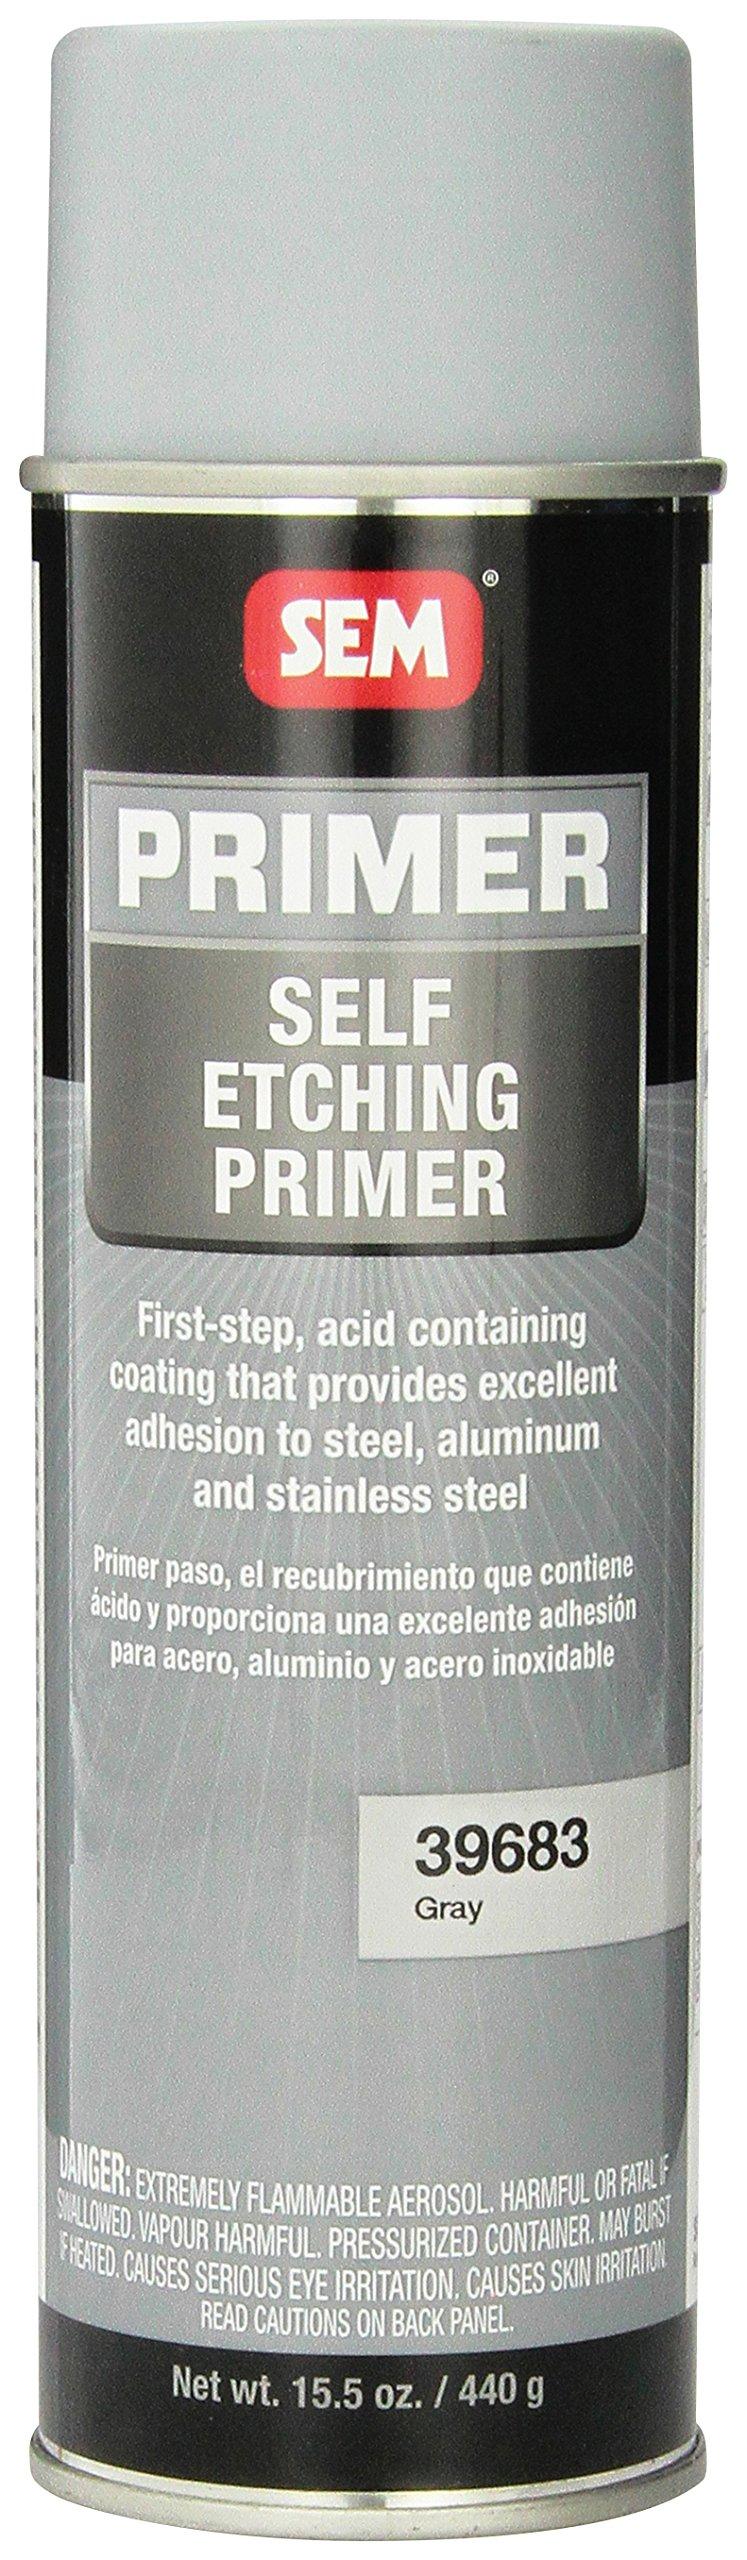 SEM 39683 Grey Self Etching Primer - 15.5 oz. by SEM